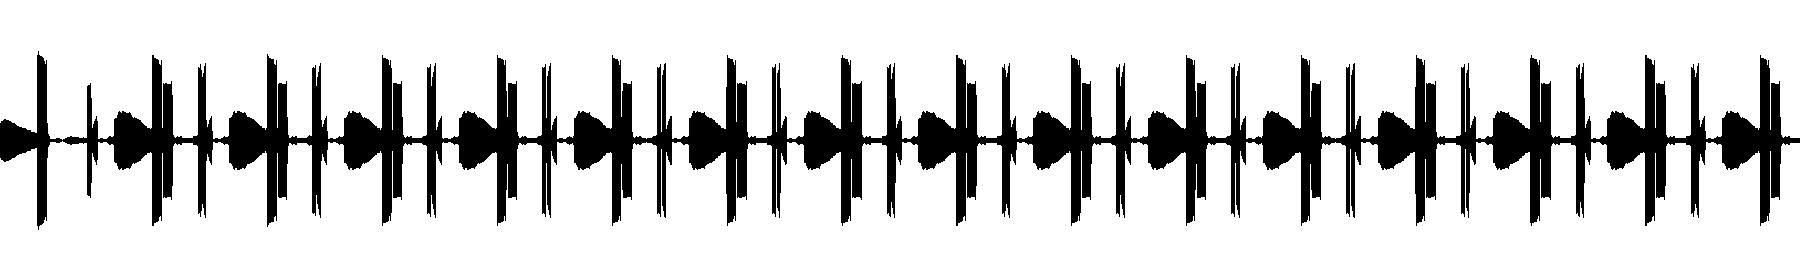 biab glitchhop glitch 3